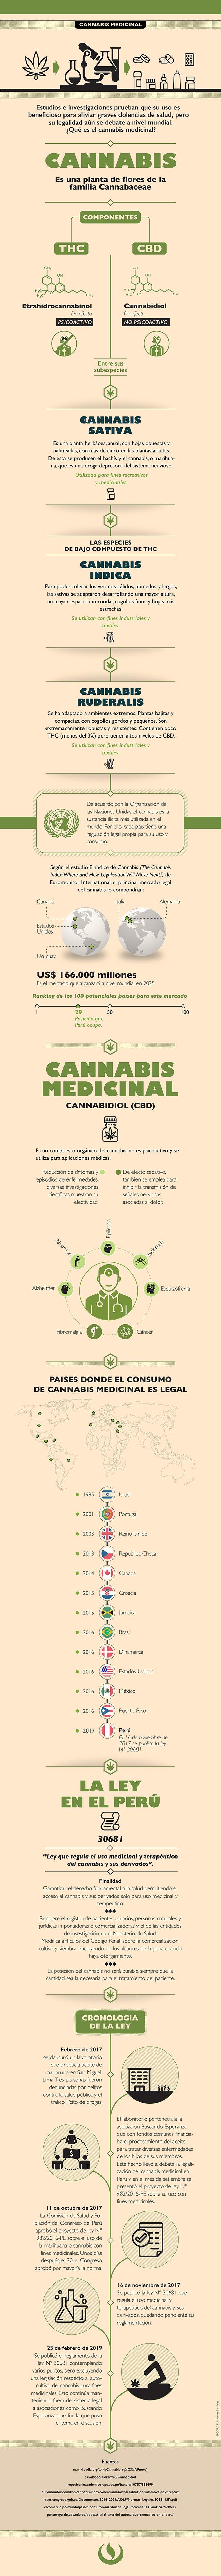 Infografía UPC – Cannabis para uso medicinal